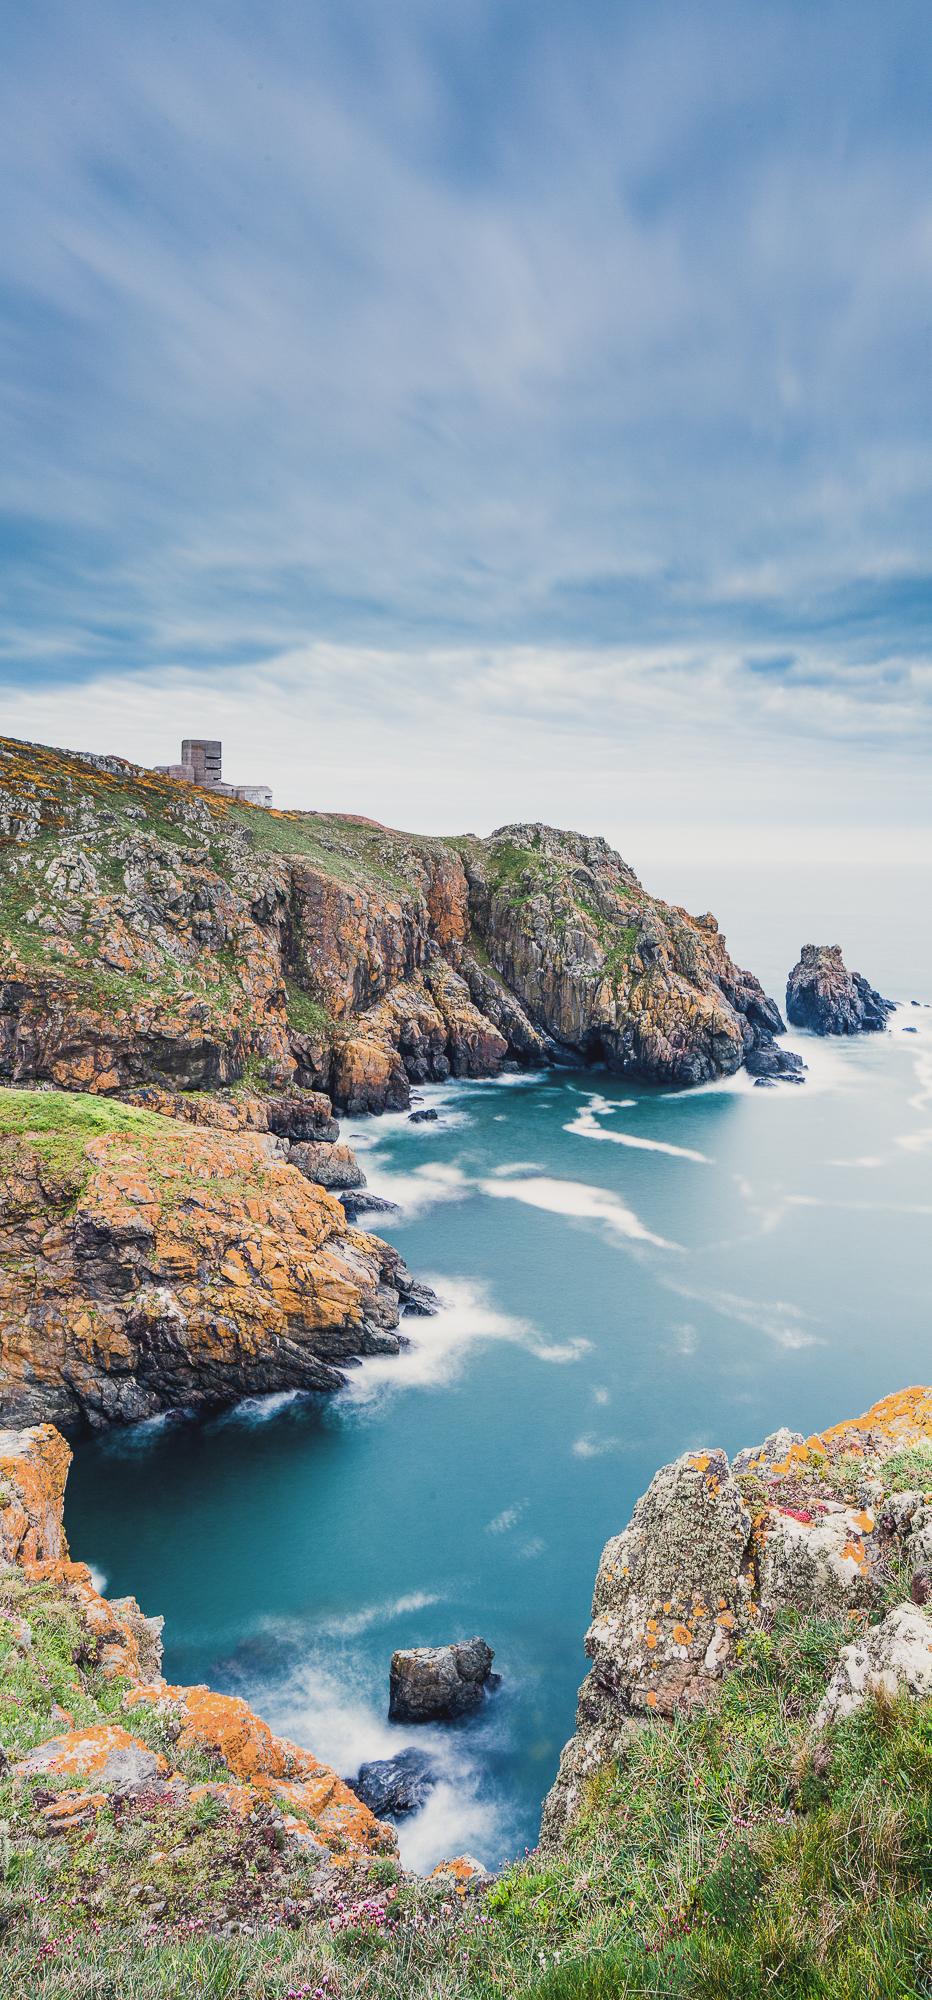 A rocky shoreline landscape